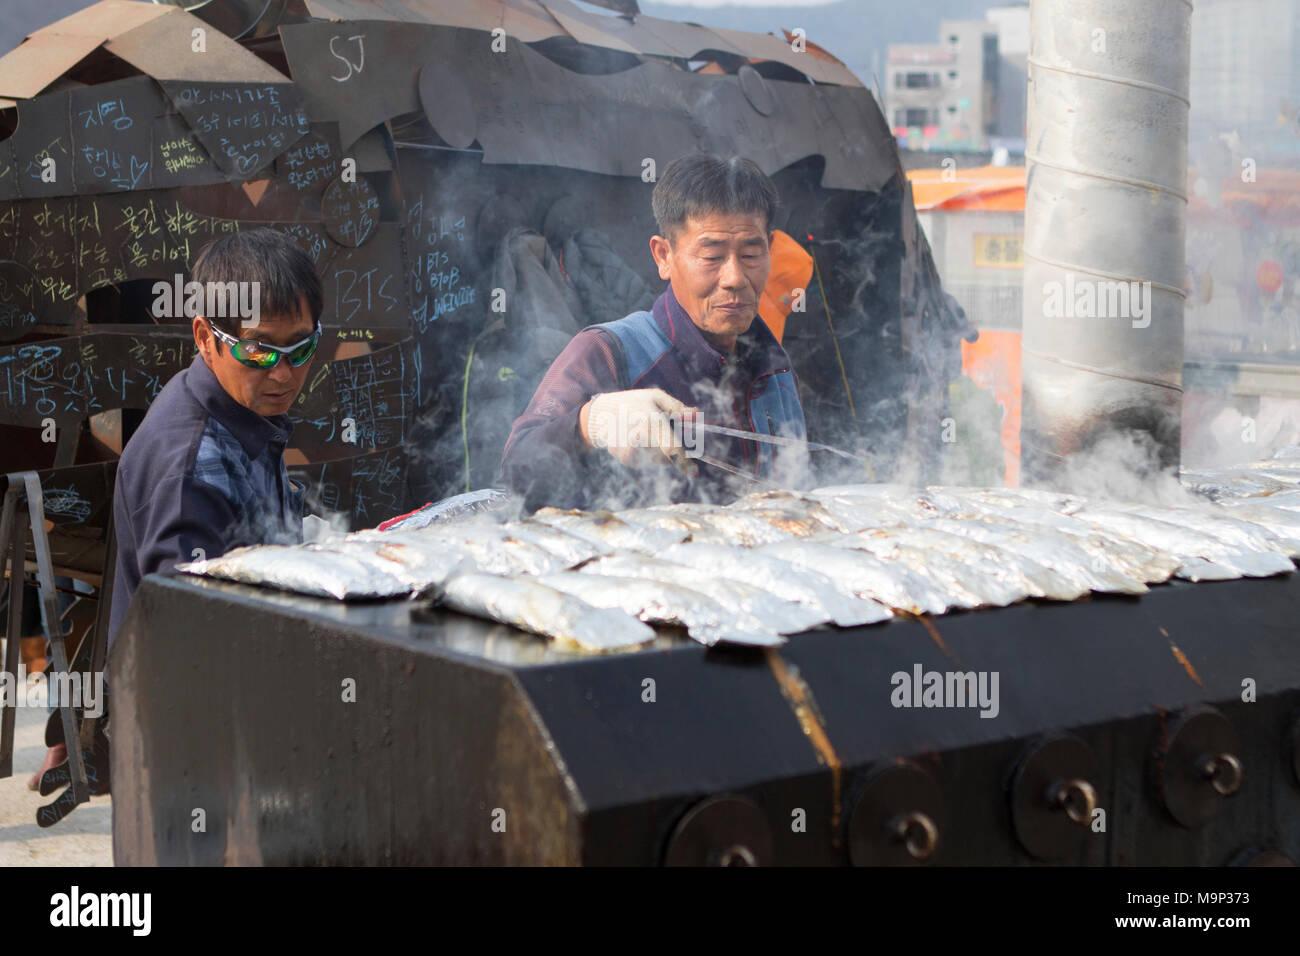 Ein Mann ist frisch gefangenen Fisch grillen am Hwacheon Sancheoneo Ice Festival. Die Hwacheon Sancheoneo Ice Festival ist eine Tradition für die Menschen in Korea. Jedes Jahr im Januar Menschenmassen versammeln sich auf dem zugefrorenen Fluss der Kälte und dem Schnee des Winters zu feiern. Hauptattraktion ist Eisfischen. Jung und Alt warten geduldig auf ein kleines Loch im Eis für eine Forelle zu beißen. In zelten Sie können den Fisch vom Grill, nach dem sie gegessen werden. Unter anderem sind Rodeln und Eislaufen. Die in der Nähe Pyeongchang Region wird Gastgeber der Olympischen Winterspiele im Februar 2018. Stockbild